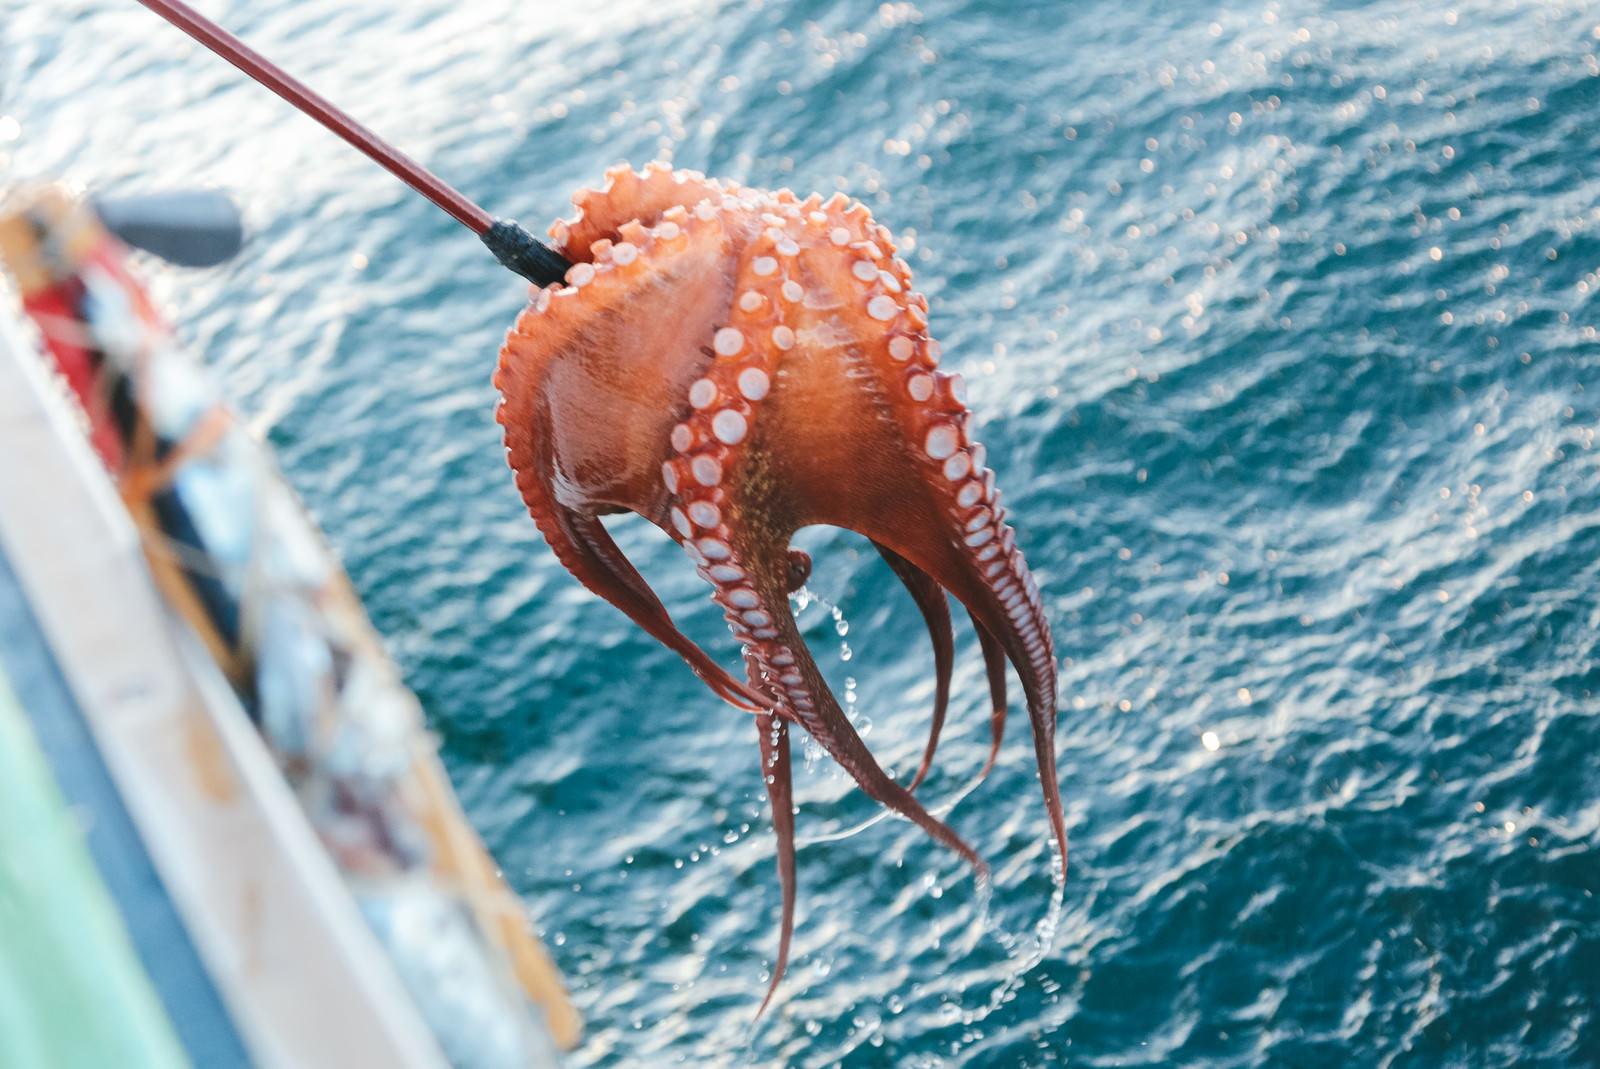 「蛸釣り採った蛸釣り採った」のフリー写真素材を拡大